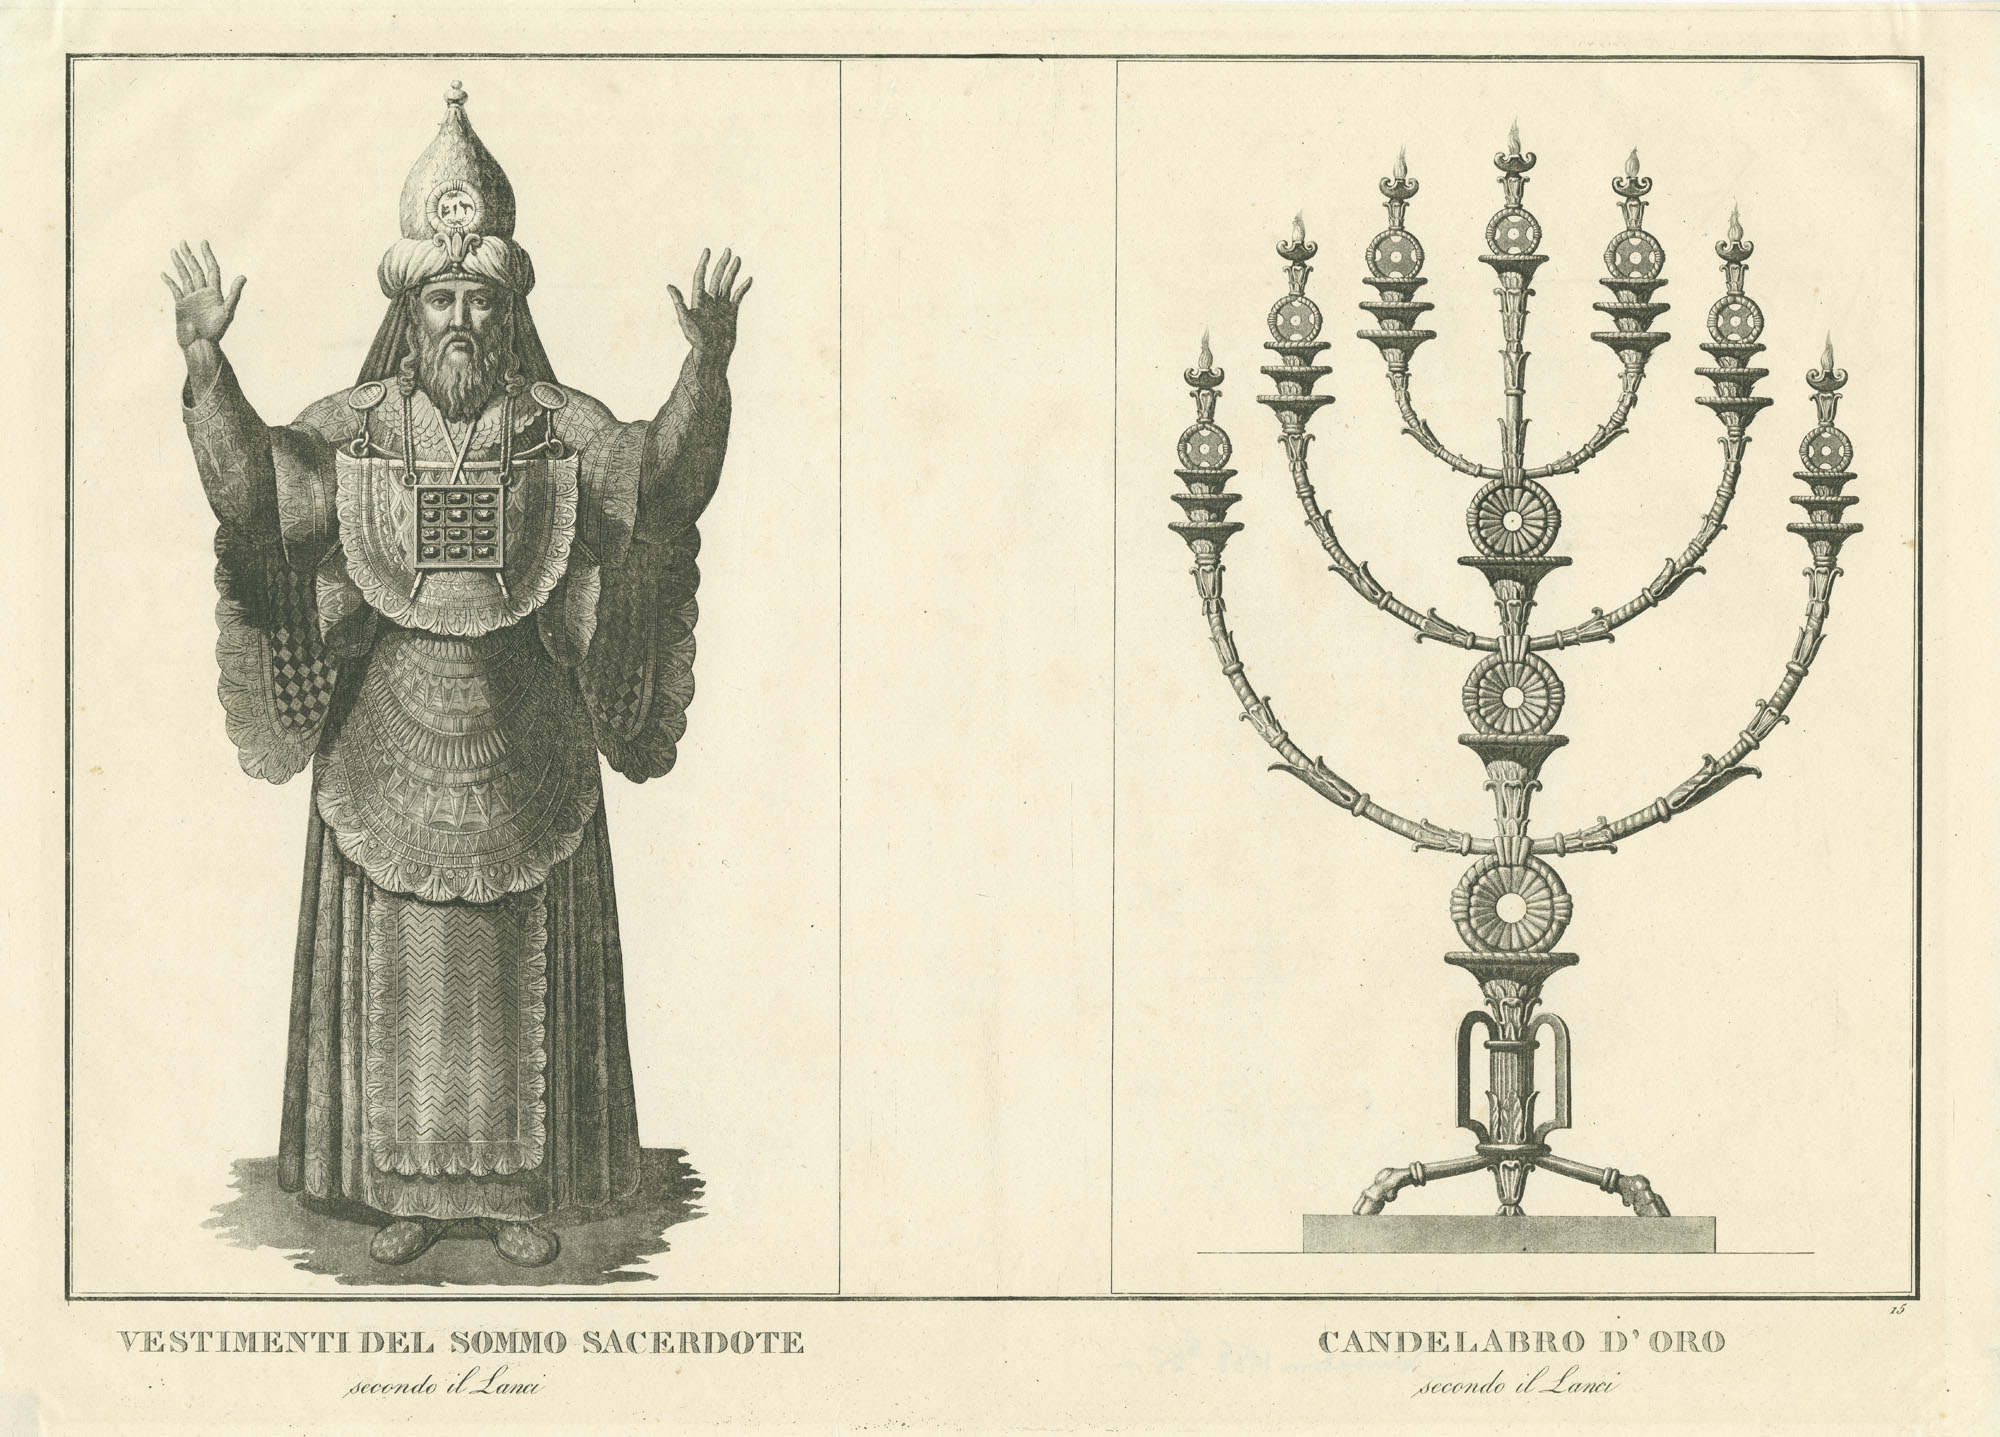 Vestimenti del sommo Sacerdote, secondo il Lanci / Candelabro d'oro, secondo il Lanci